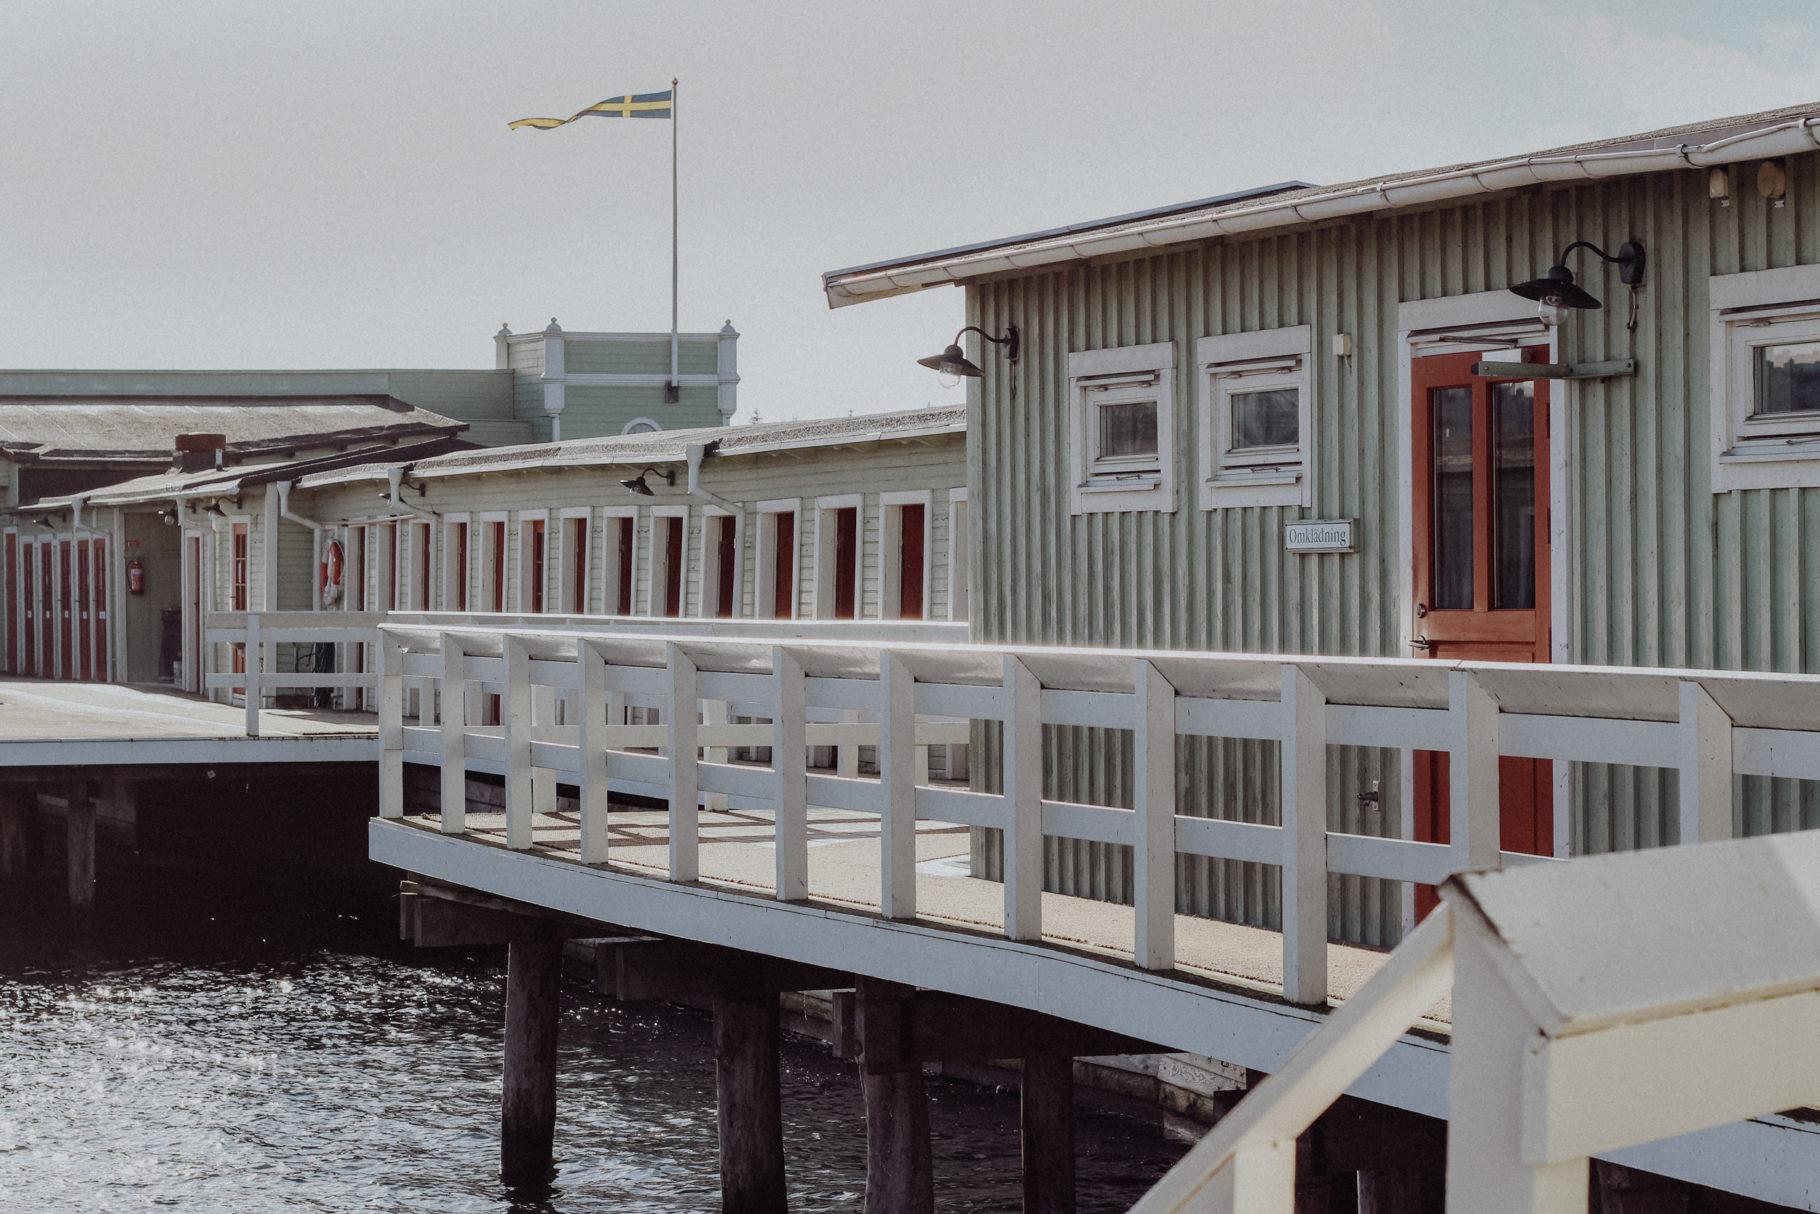 Wassertemperatur 2°C – Zu Besuch im schwedischen Kaltbad